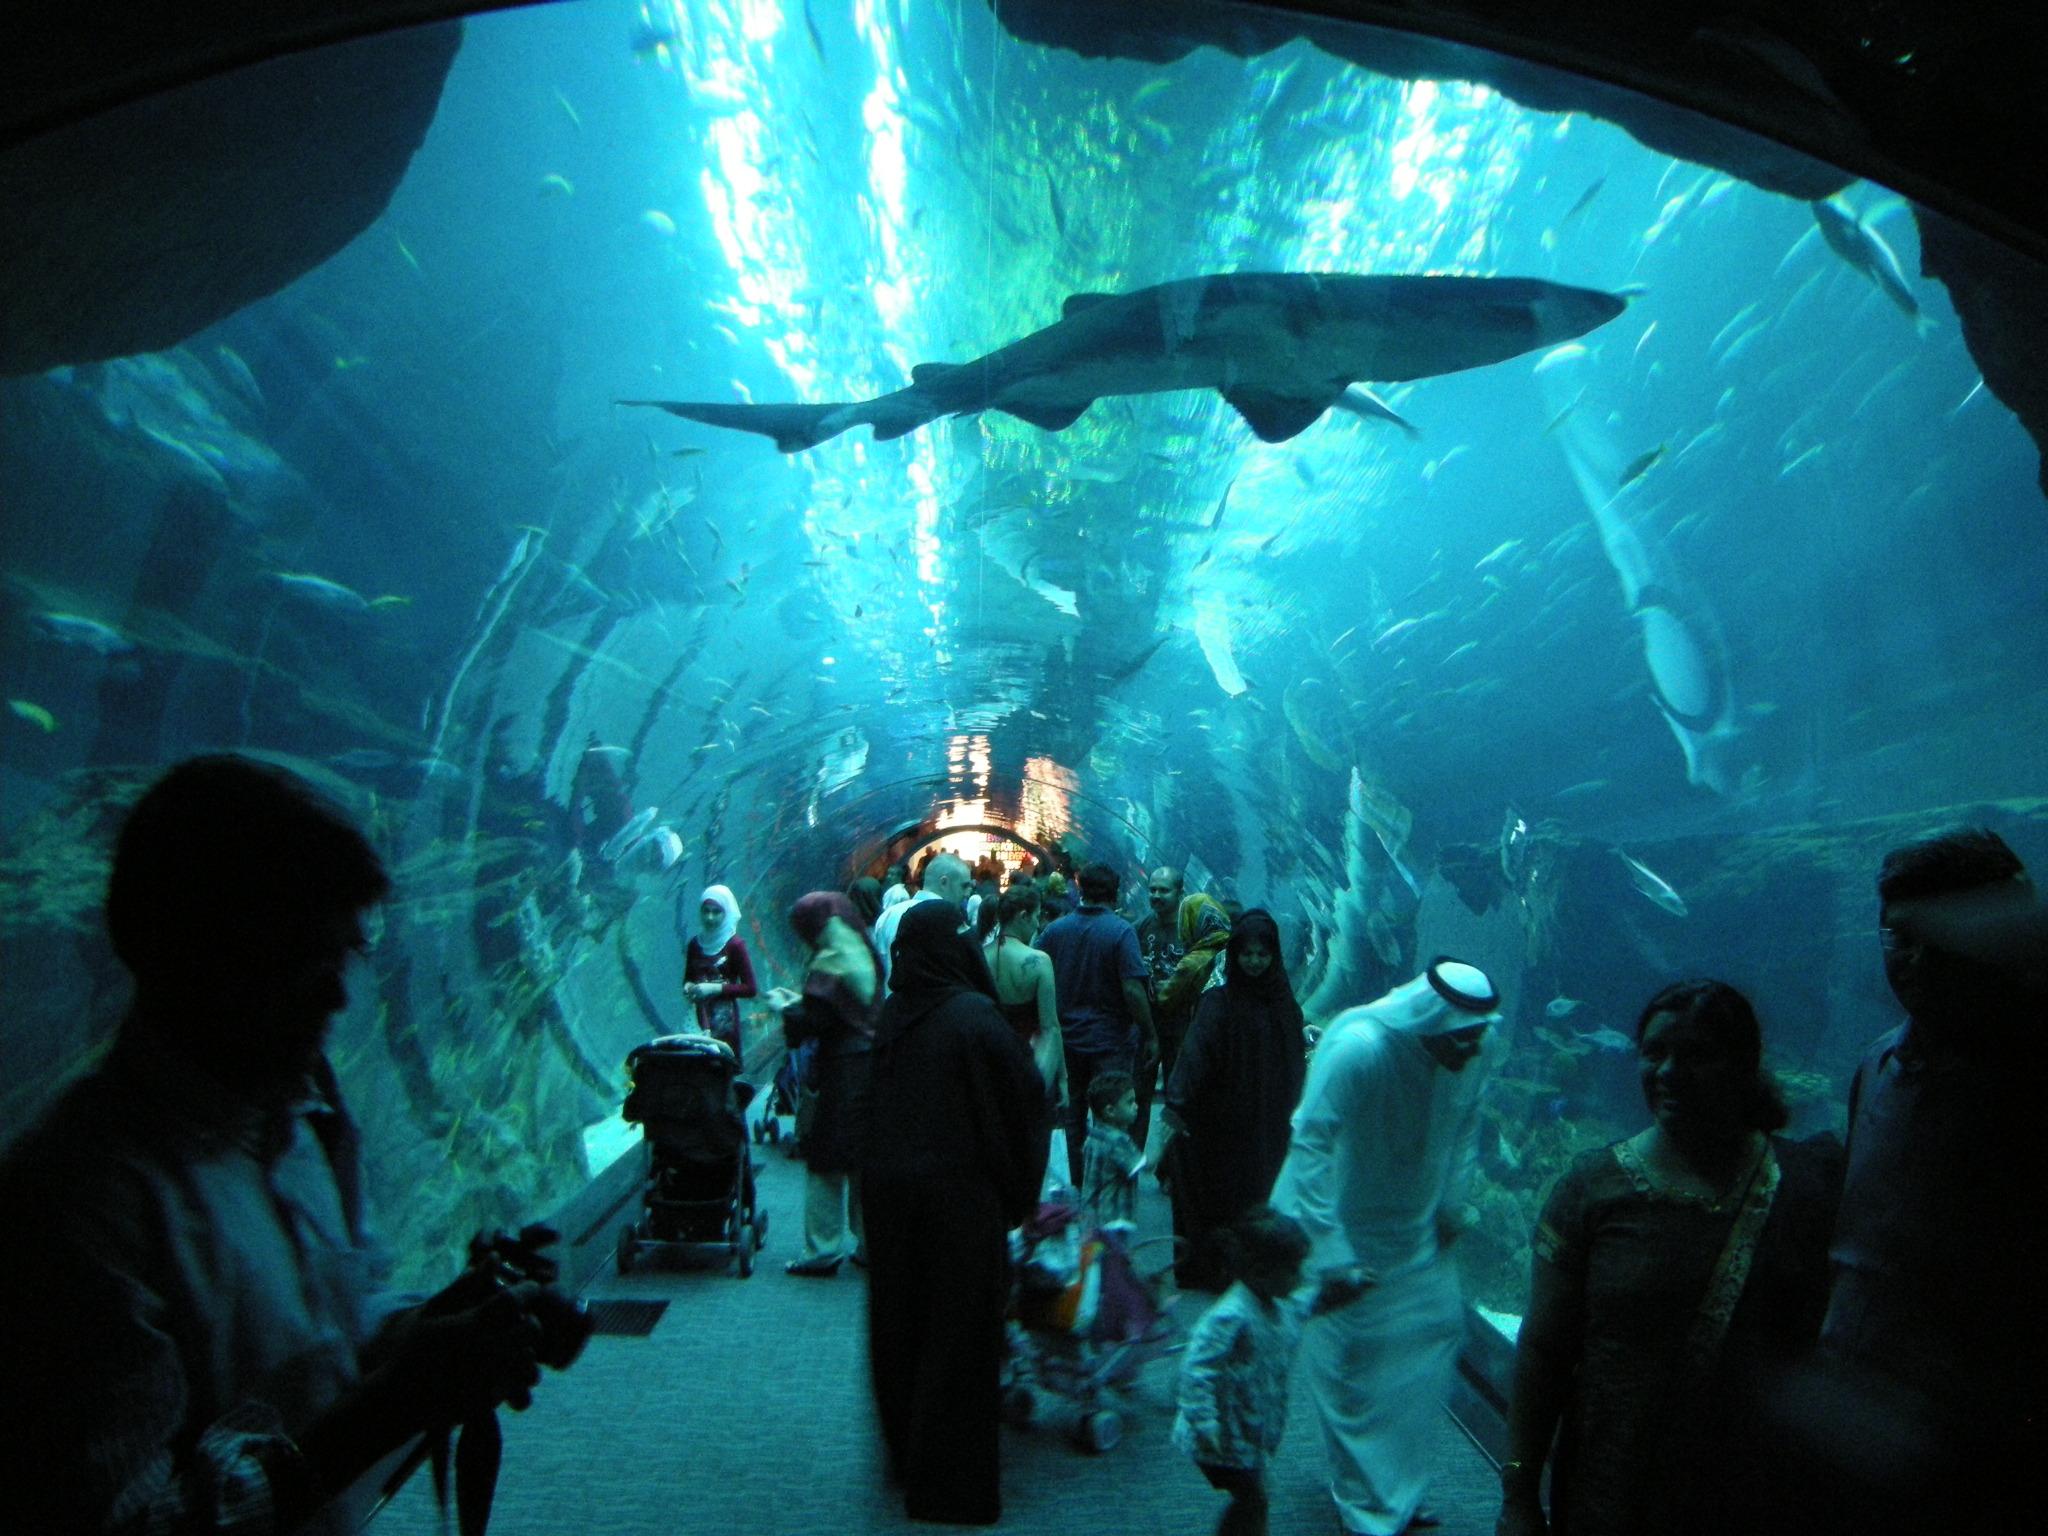 Aquarium An Underwater Dining Adventure Locations